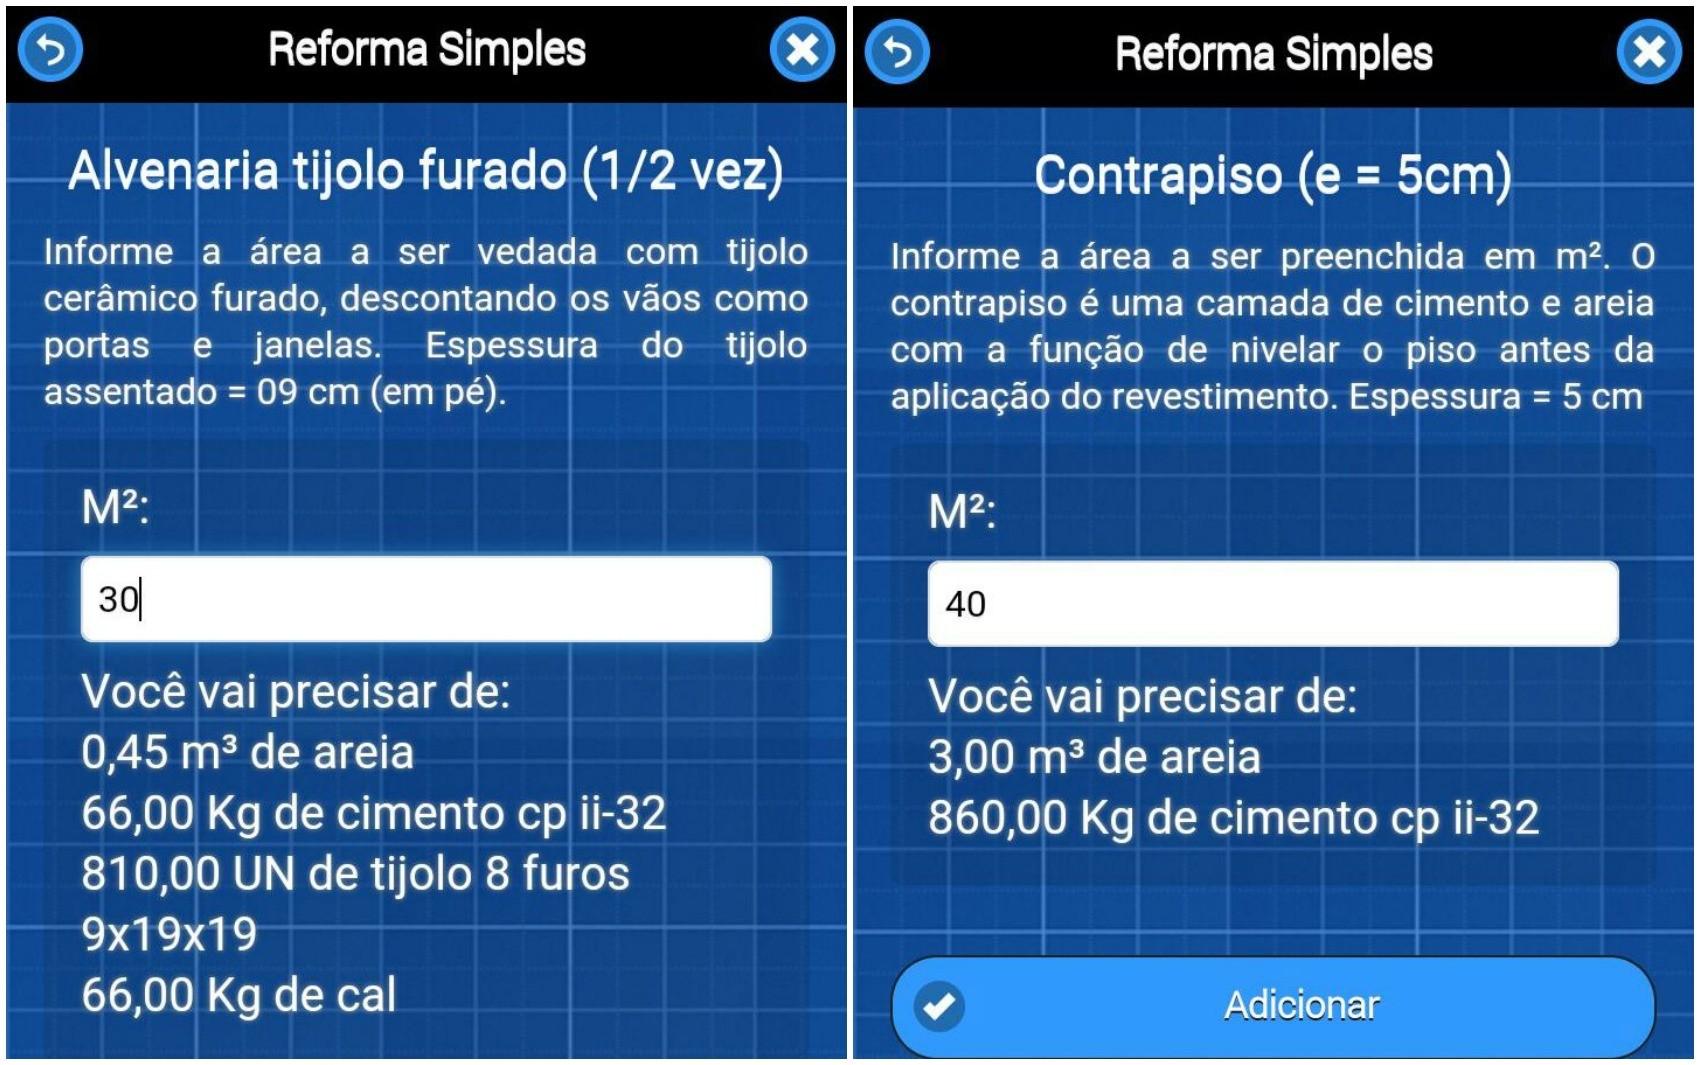 Usuário pode verificar a quantidade de material necessário para reformas de ambientes (Foto: Reprodução/Reforma Simples)